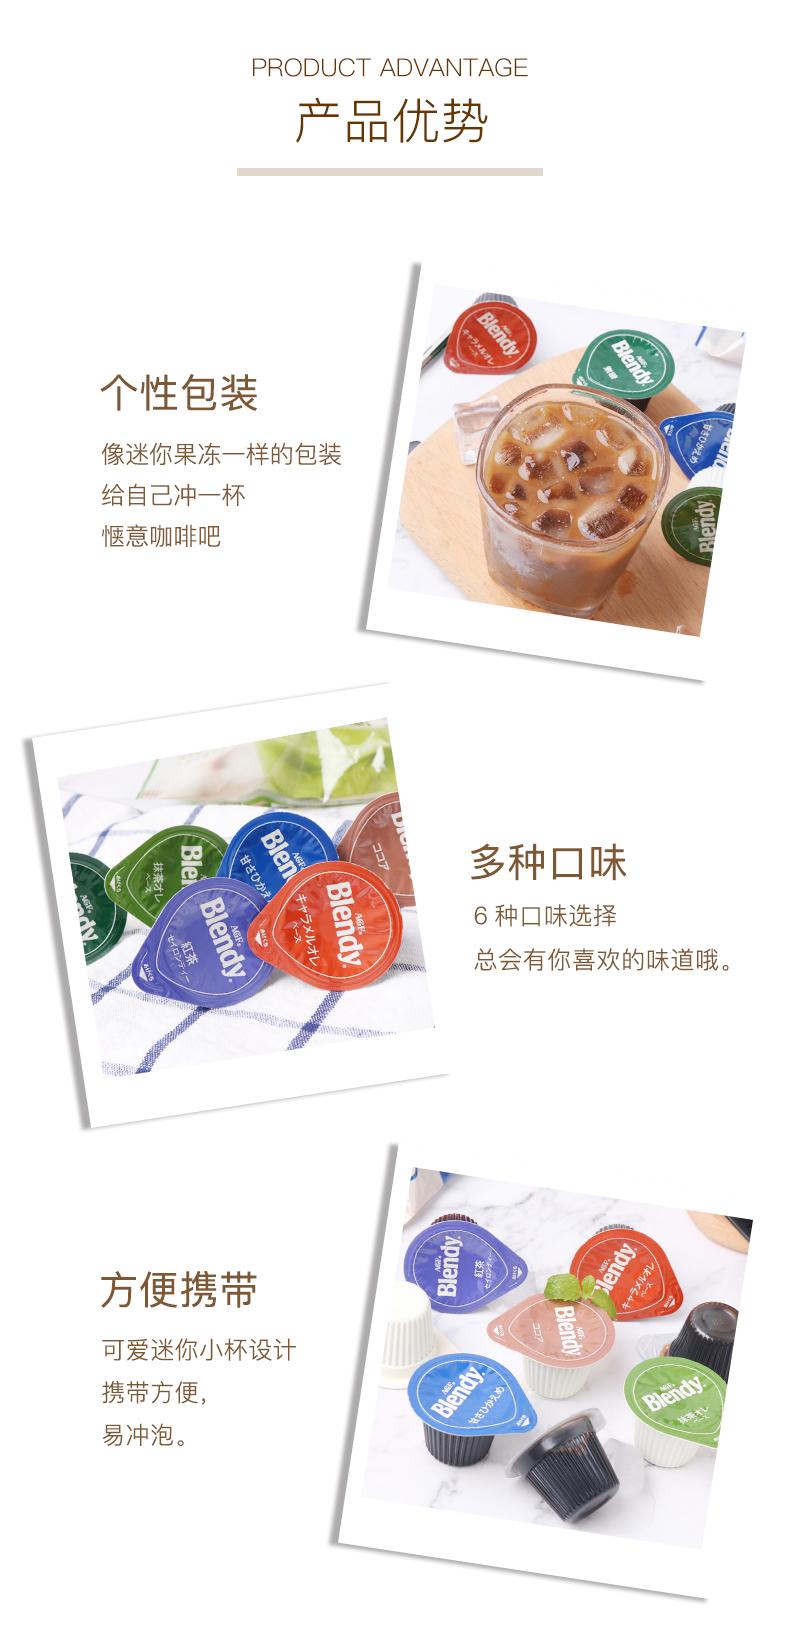 胶囊咖啡日本进口浓浆无蔗糖黑咖啡浓缩冷萃速溶咖啡液详细照片